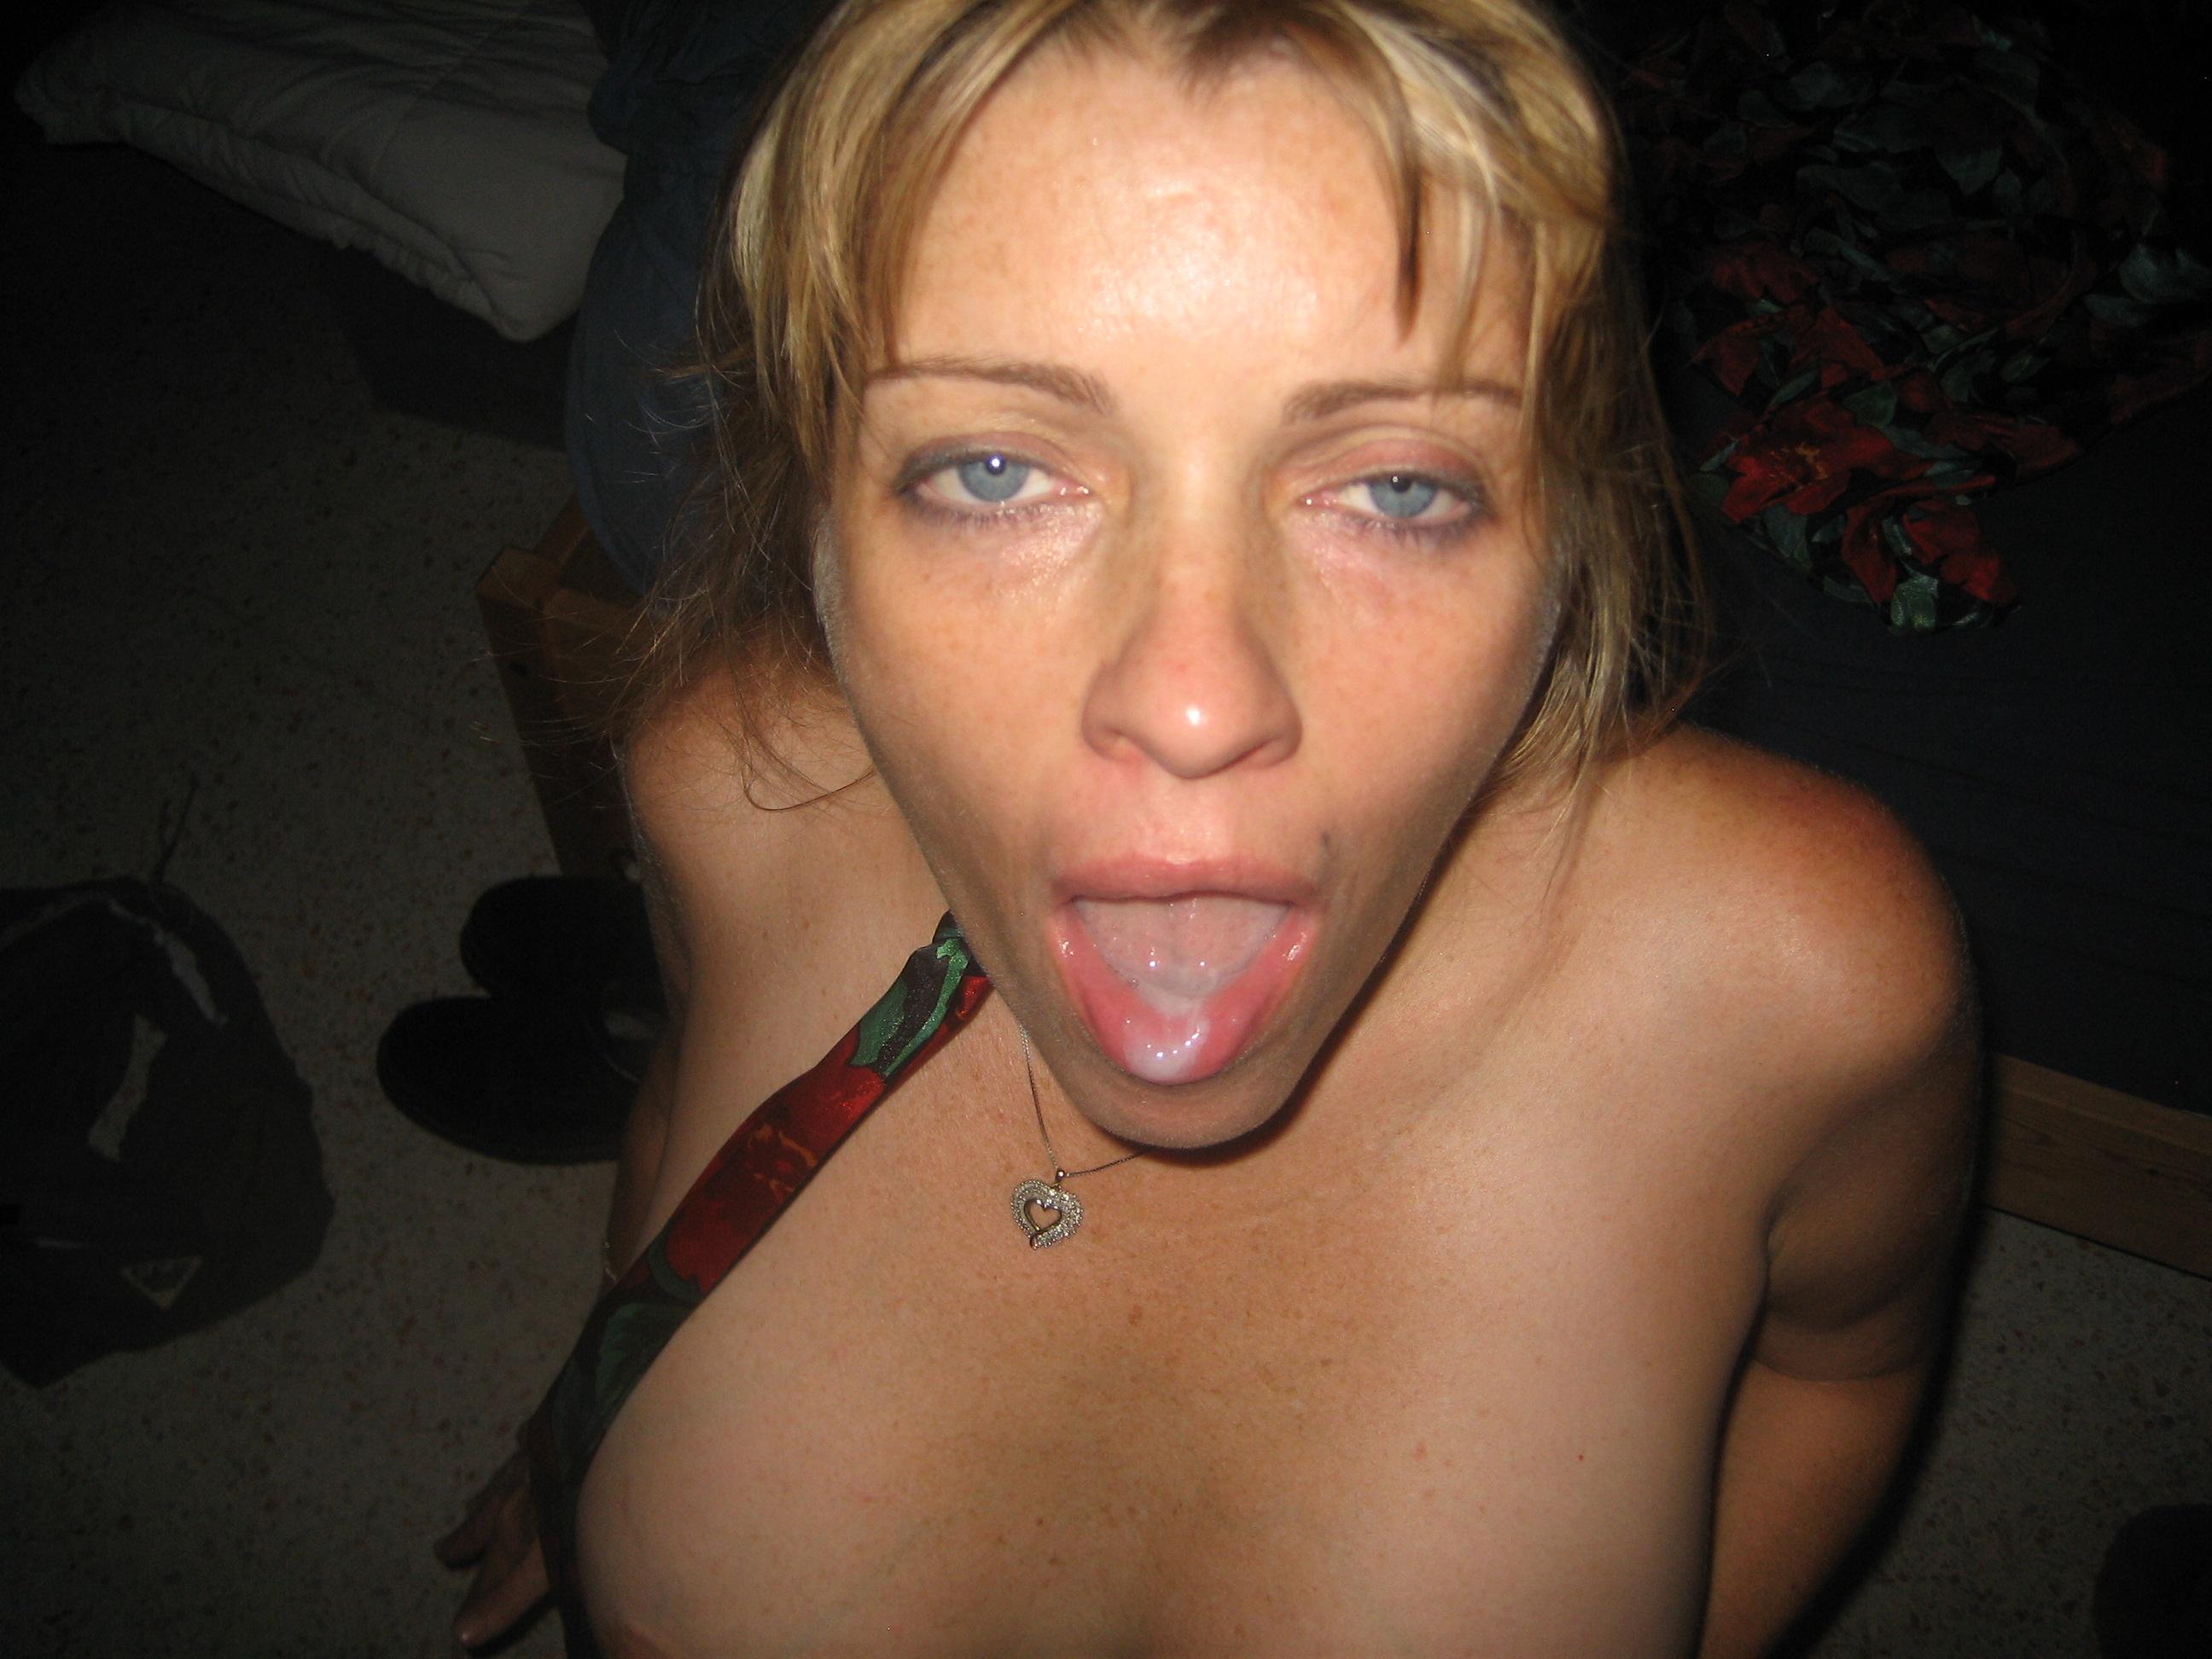 slave images Amateur slut